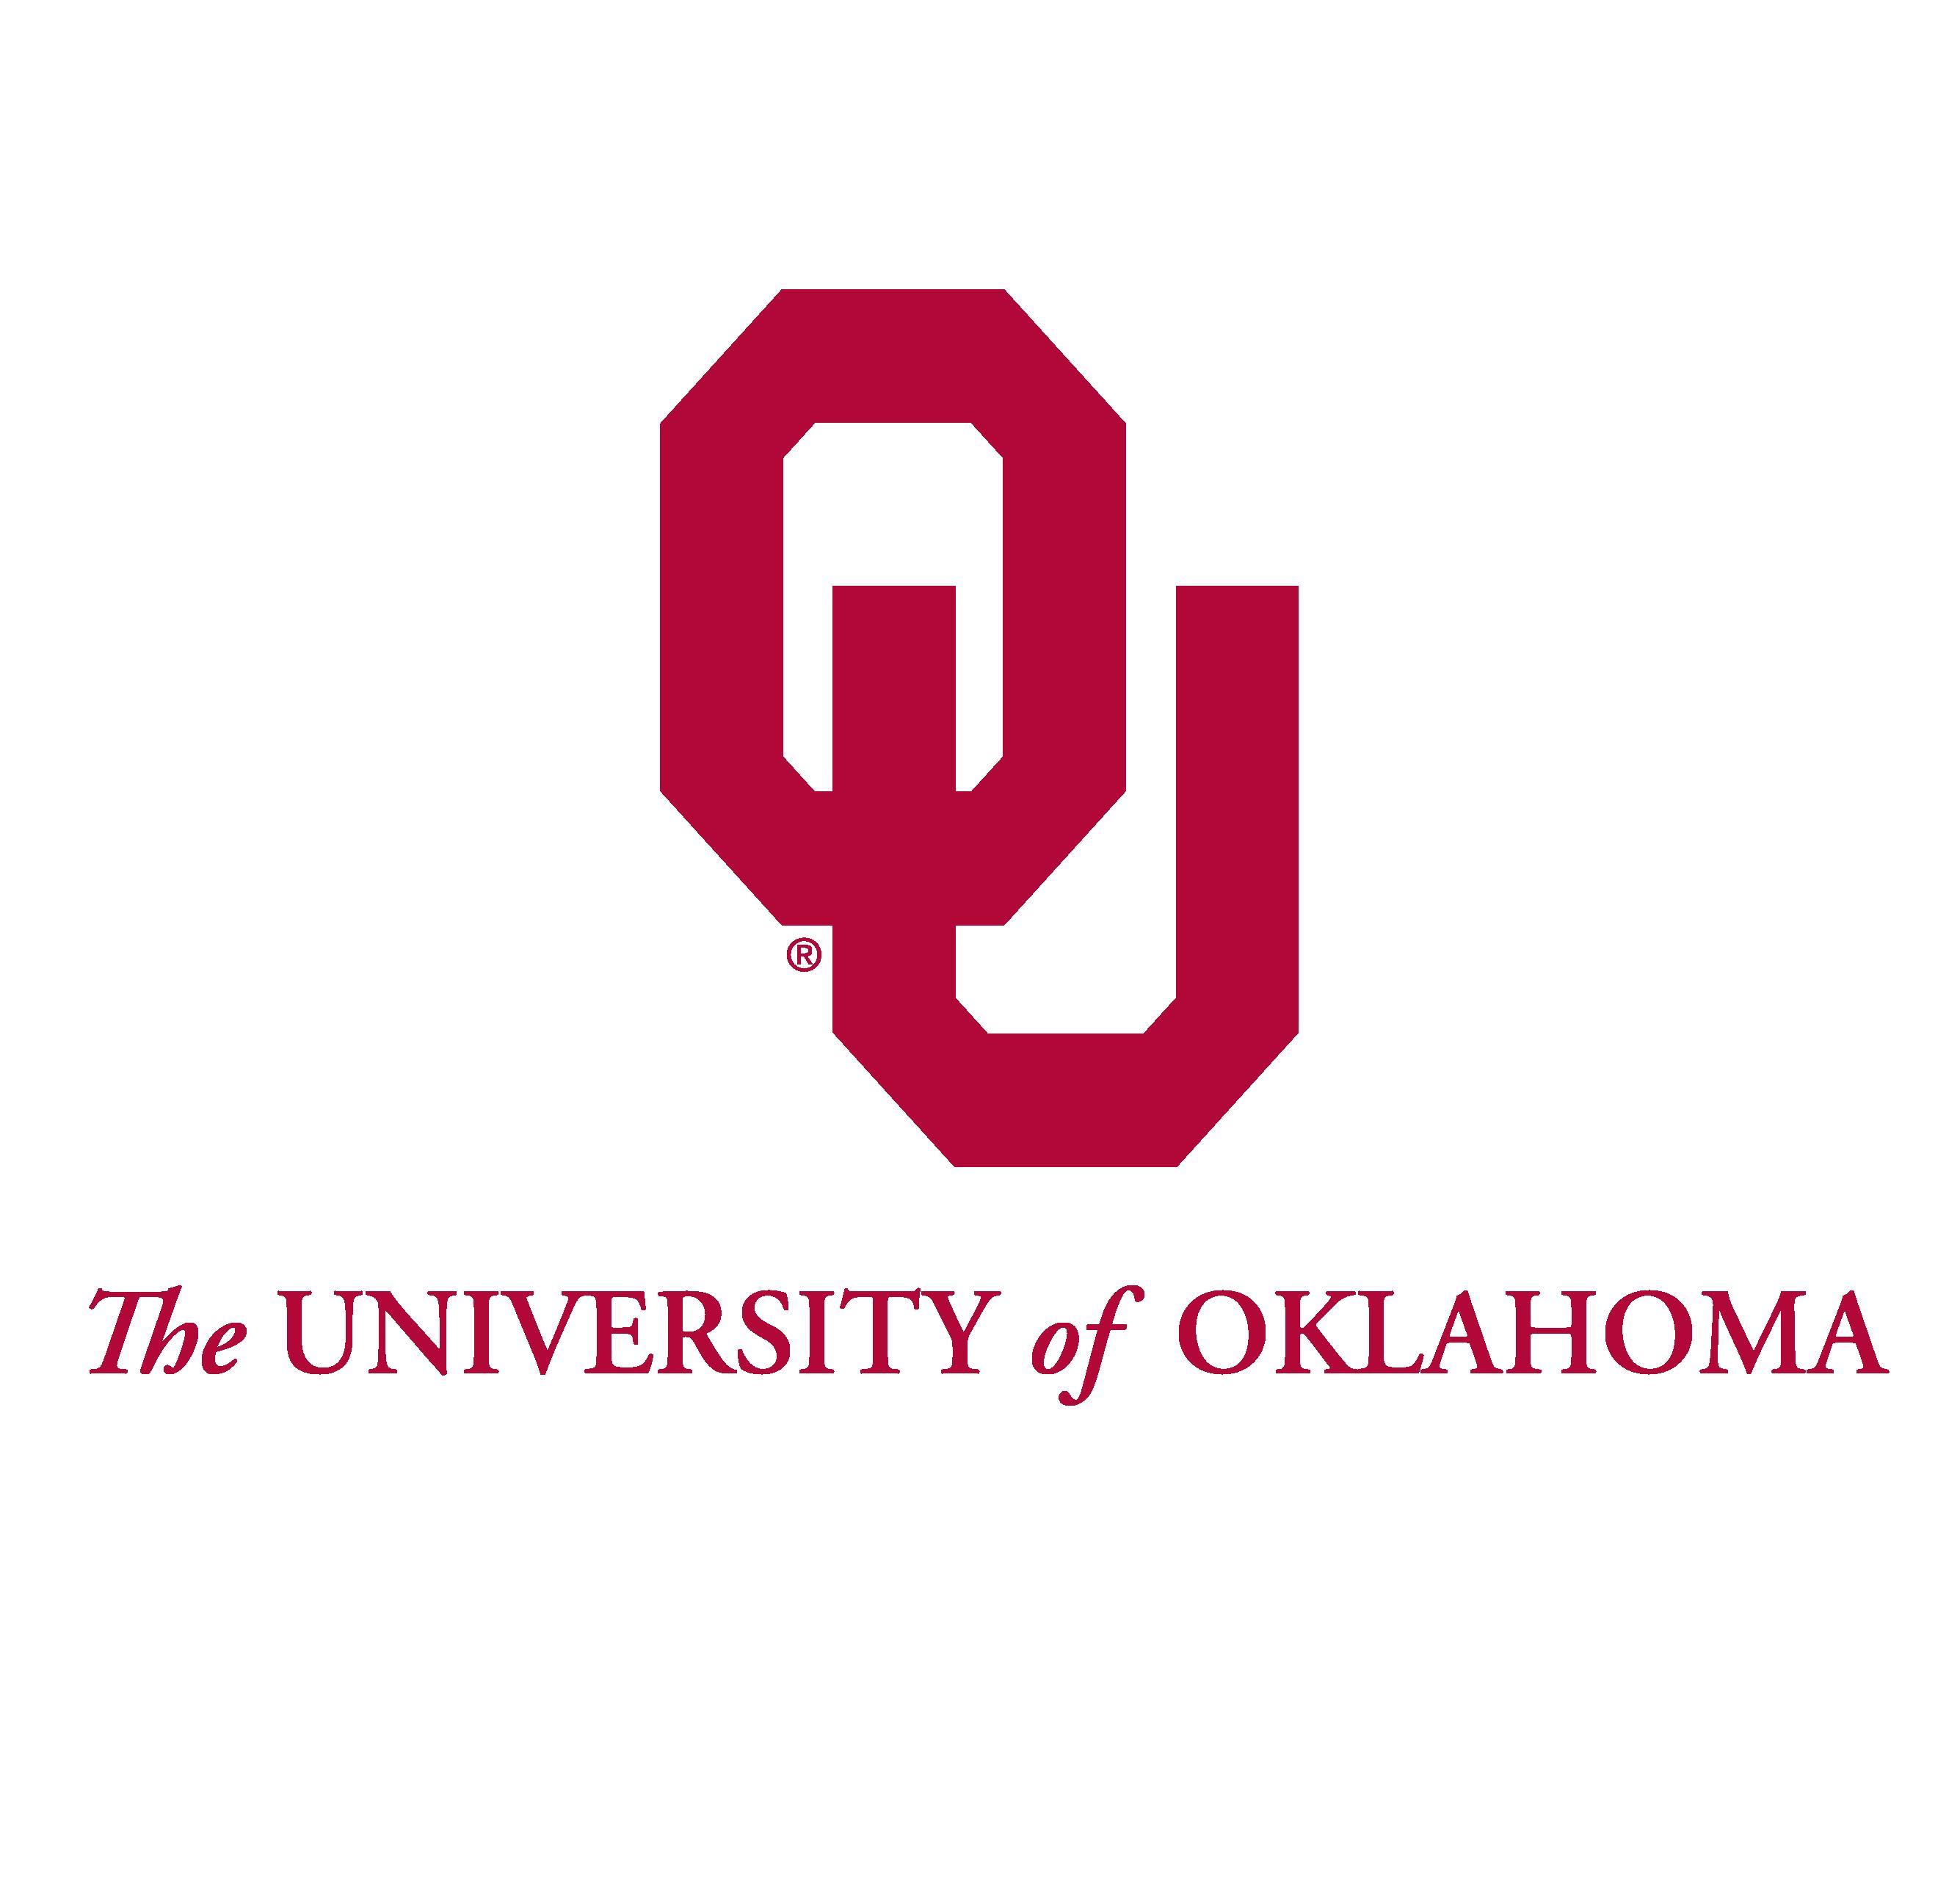 CS - The University of Oklahoma